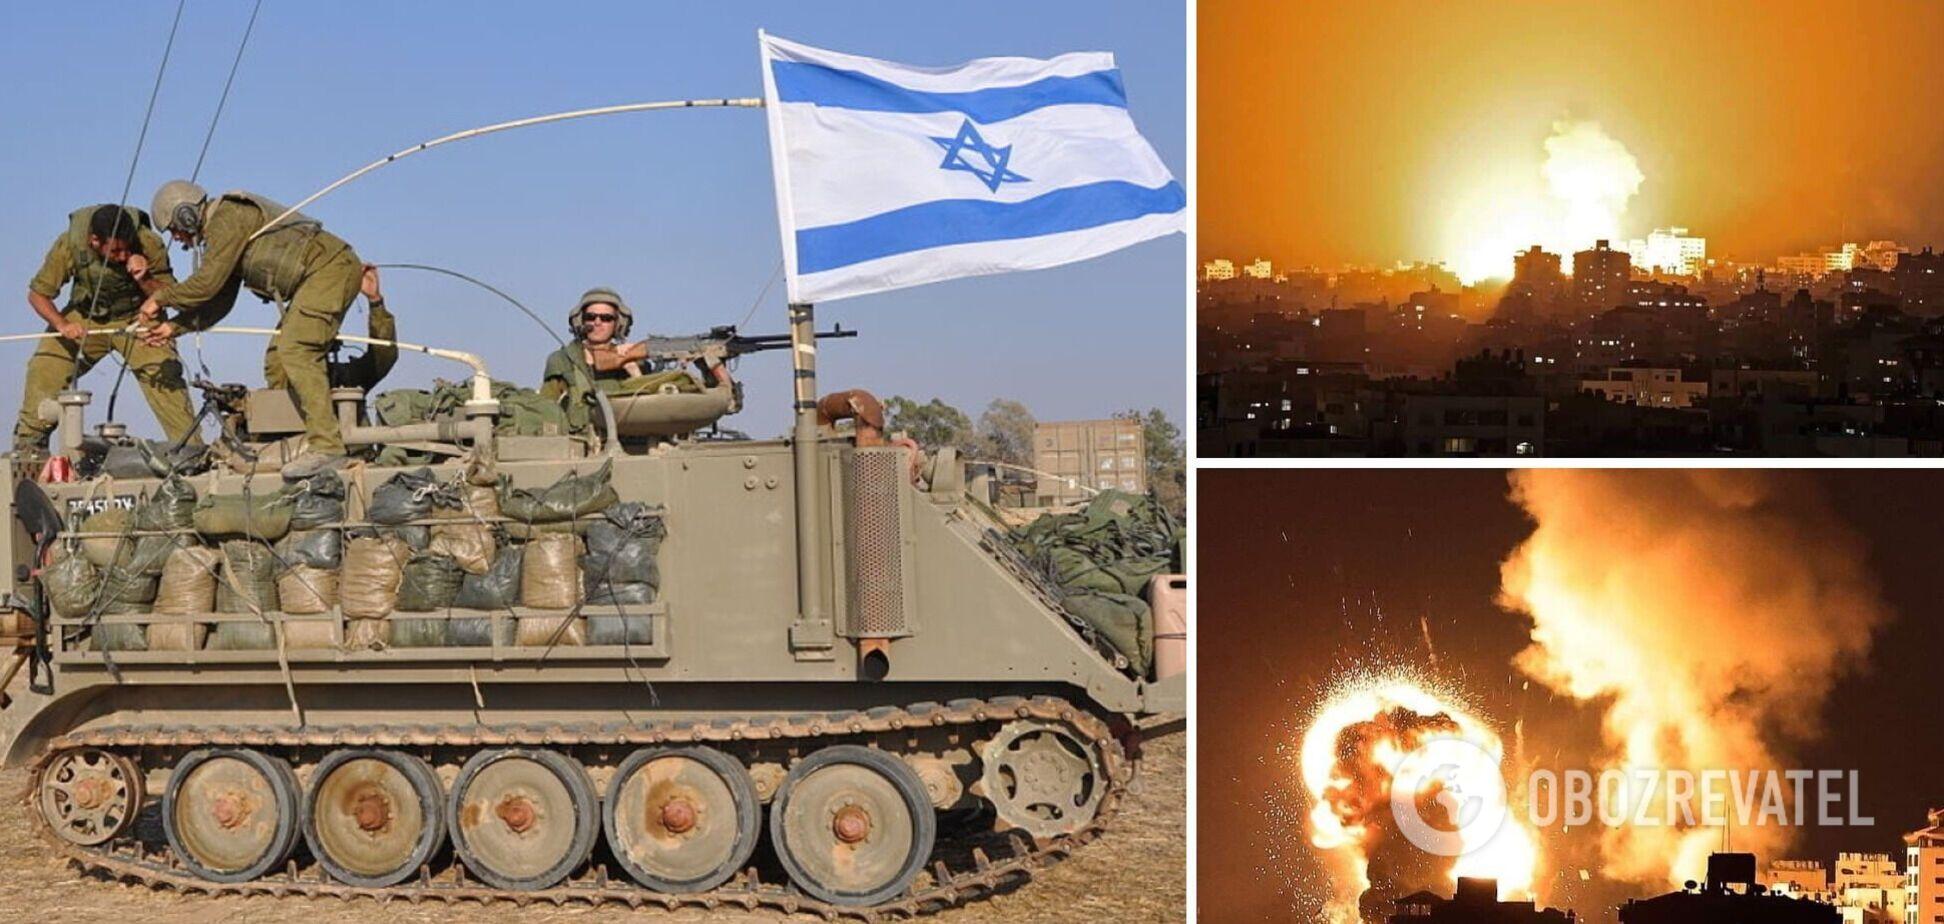 Ізраїль почав наземну операцію проти ХАМАСу в секторі Газа. Фото та відео